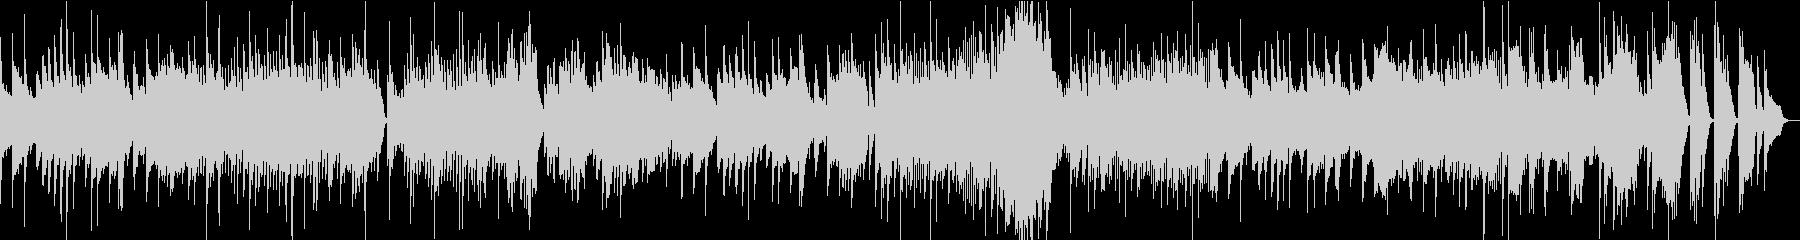 悲愴 第2楽章/ベートーベン・アコギの未再生の波形